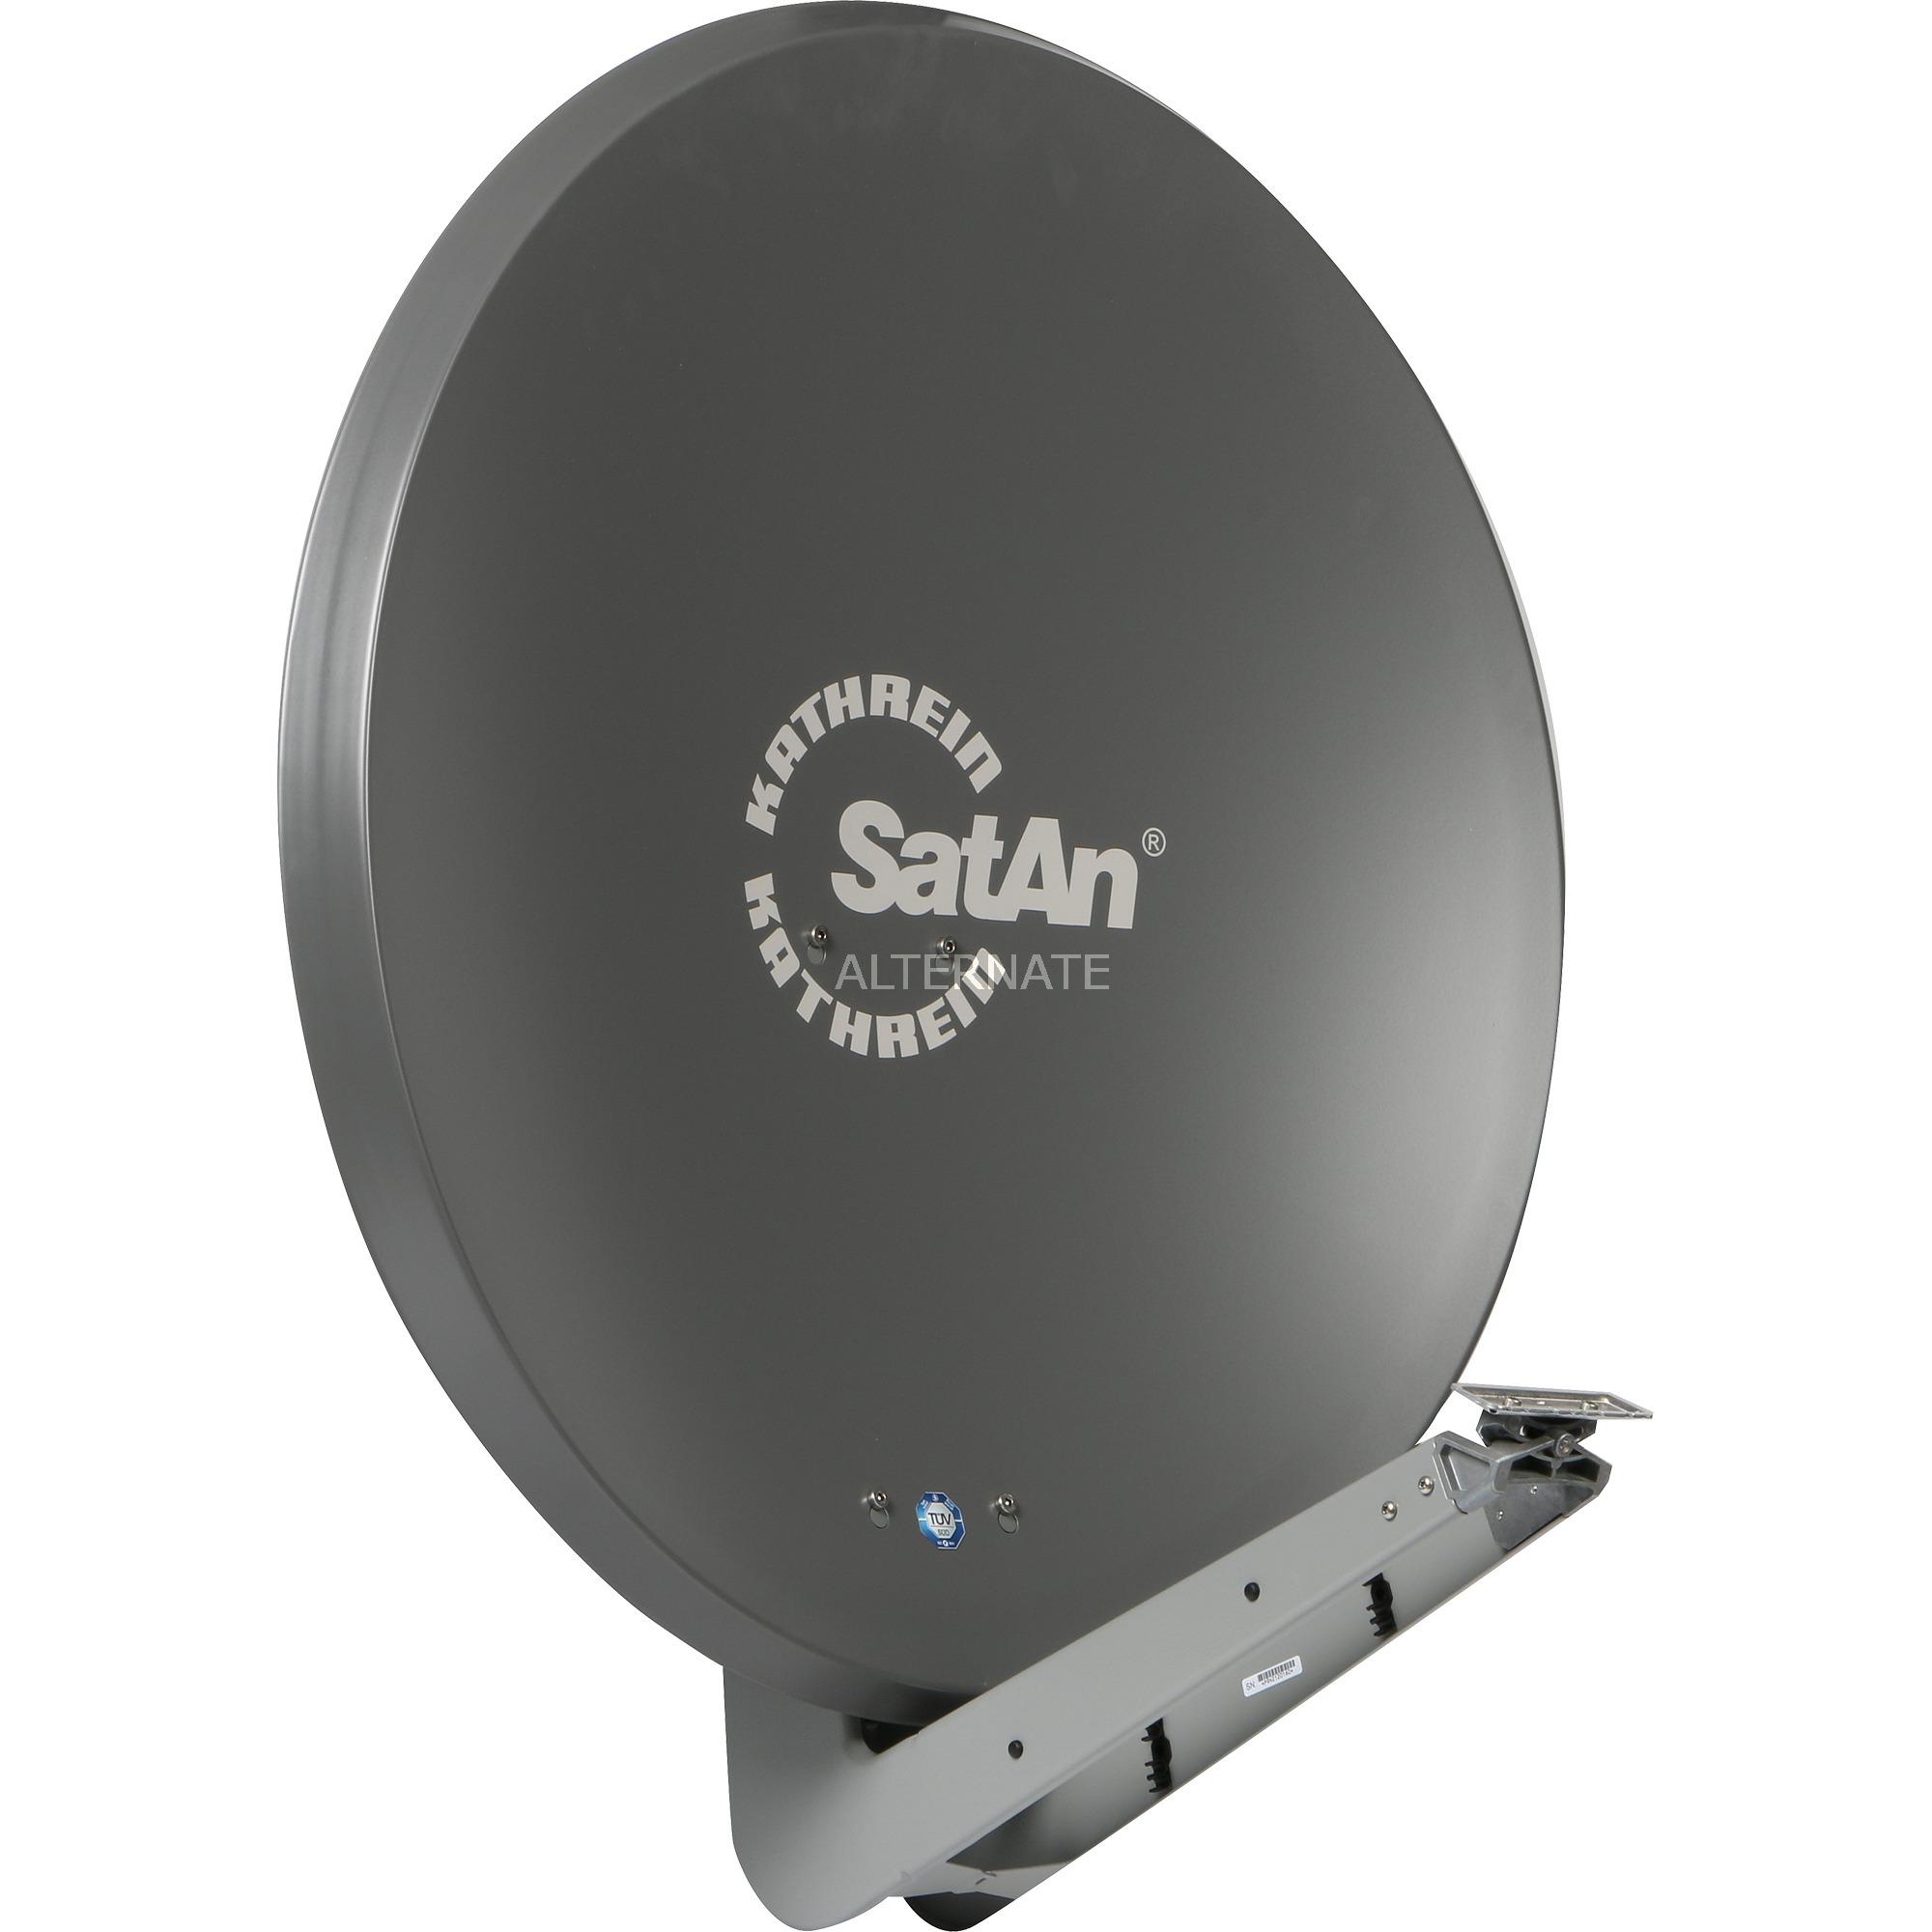 CAS 90gr antena de satélite Grafito, Antena parabólica